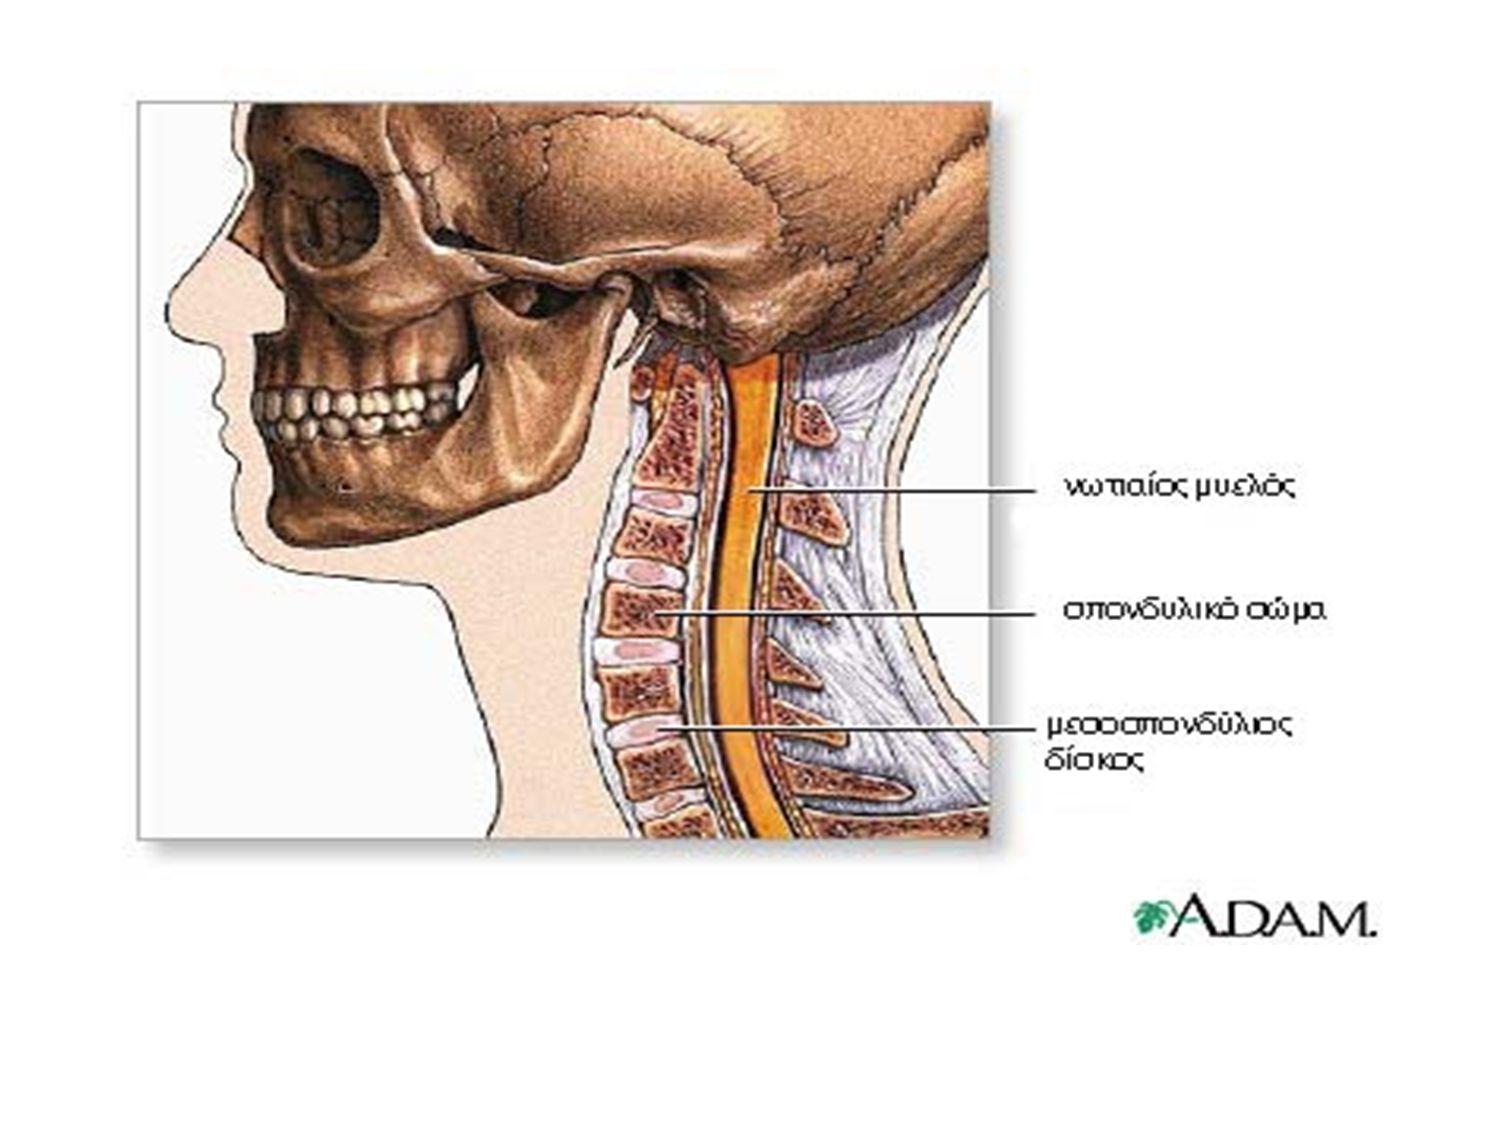 Κοινά γνωρίσματα των σπονδύλων Το σπονδυλικό σώμα : κυλινδρικό μπροστινό μέρος κάθε σπονδύλου.